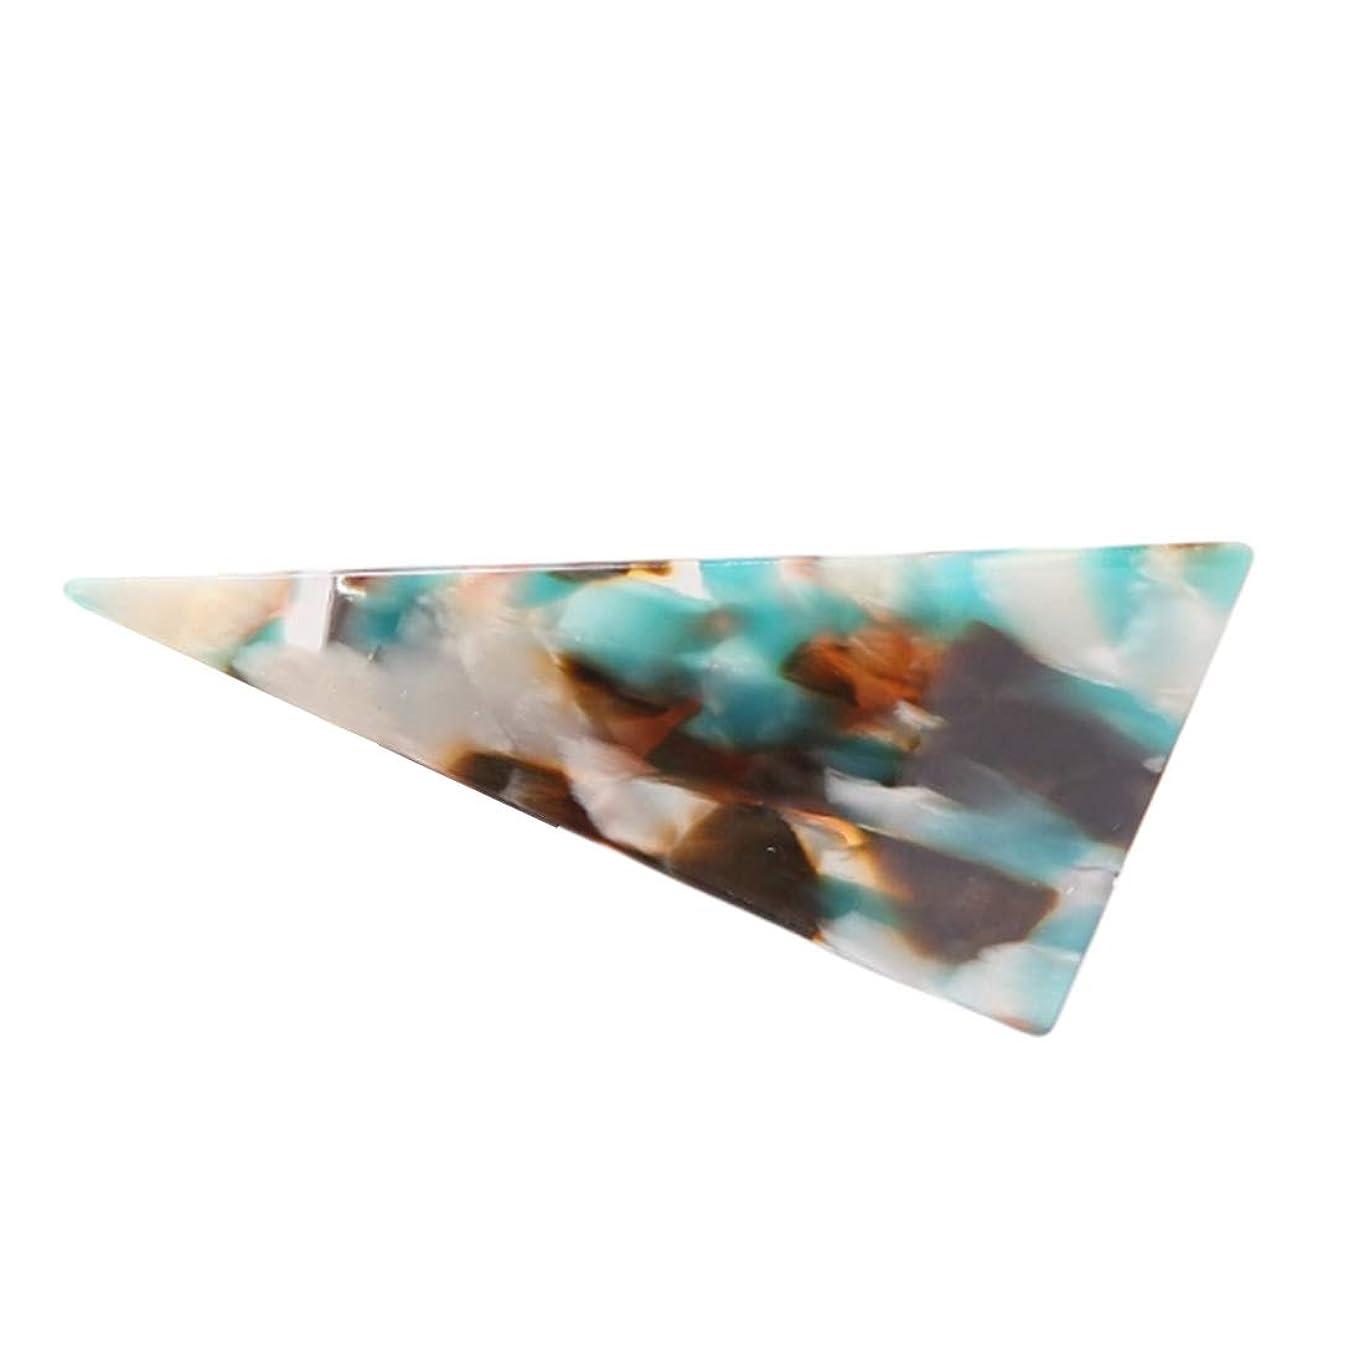 ベテラン葉アーティキュレーションKimyuo 大人気 新鮮な甘いキャンディーカラーヘアクリップ女性大理石織り目加工アセテートダックビルヘアピンポニーテール装飾三角形バレッタ